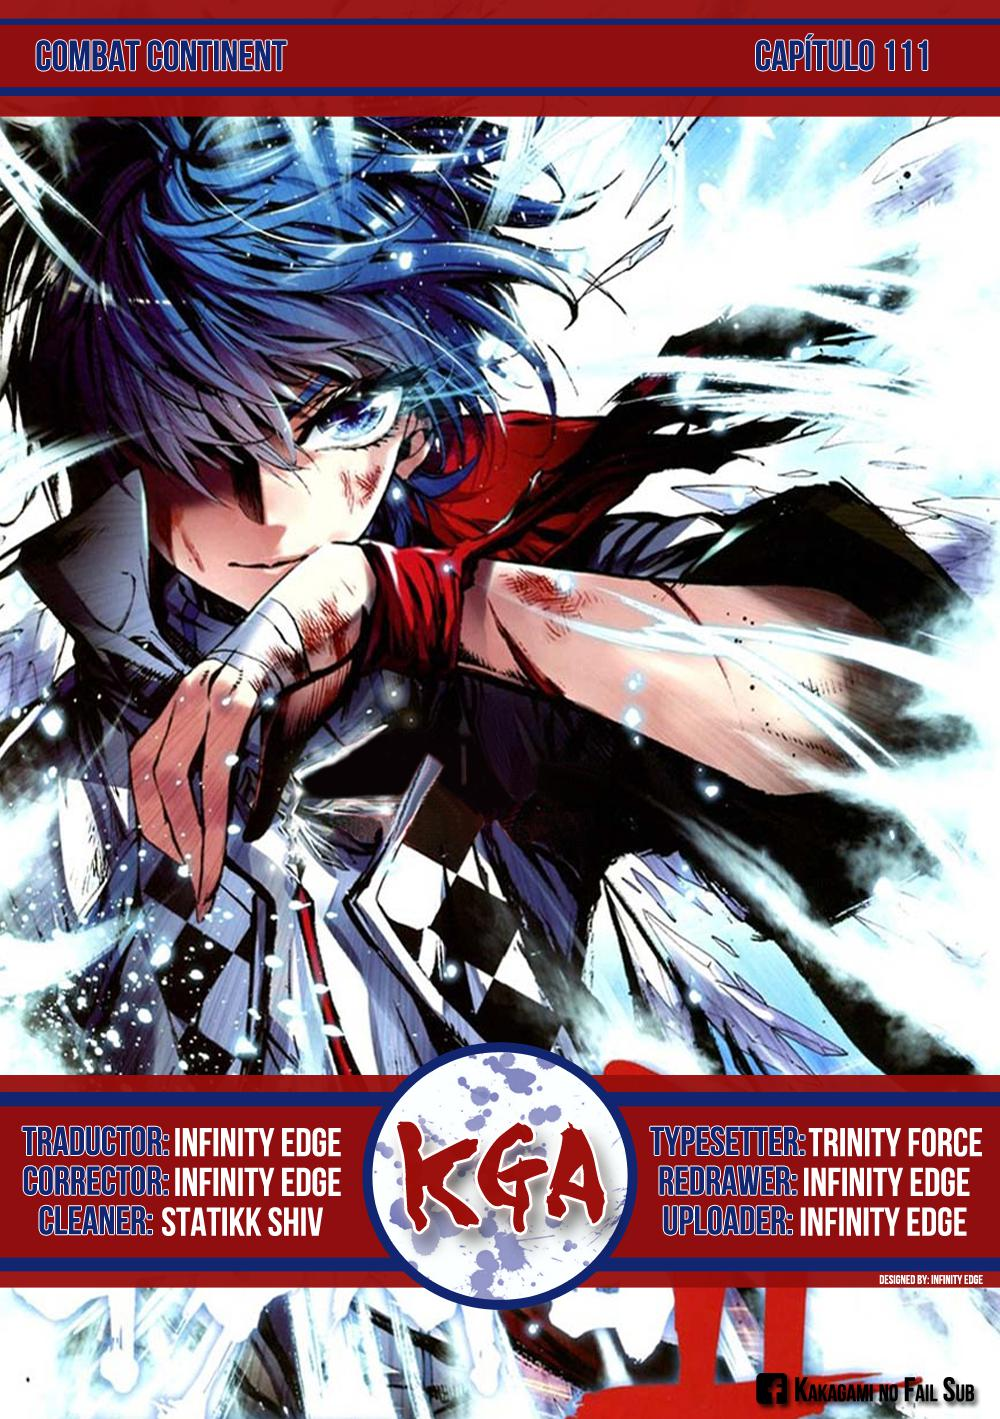 https://c5.mangatag.com/es_manga/18/16210/417007/588cb956d6bbe67078f29f8de420a13d.jpg Page 1